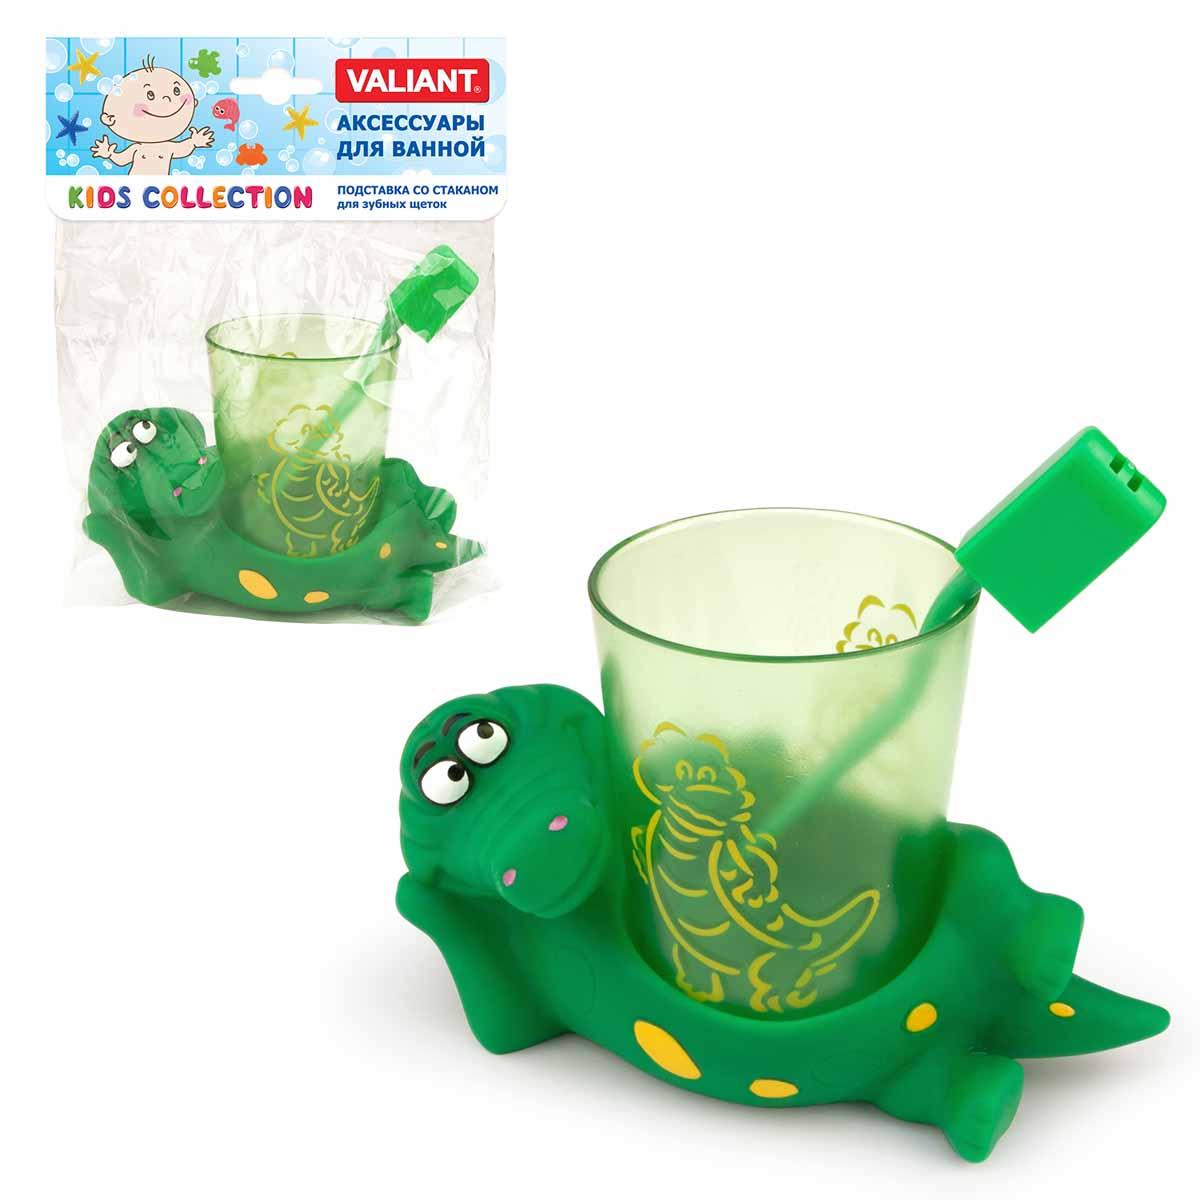 Подставка со стаканом для зубных щеток позволит вашему малышу играючи приучиться к ежедневной гигиене.   Размер: 13 х 8 х 11 см.